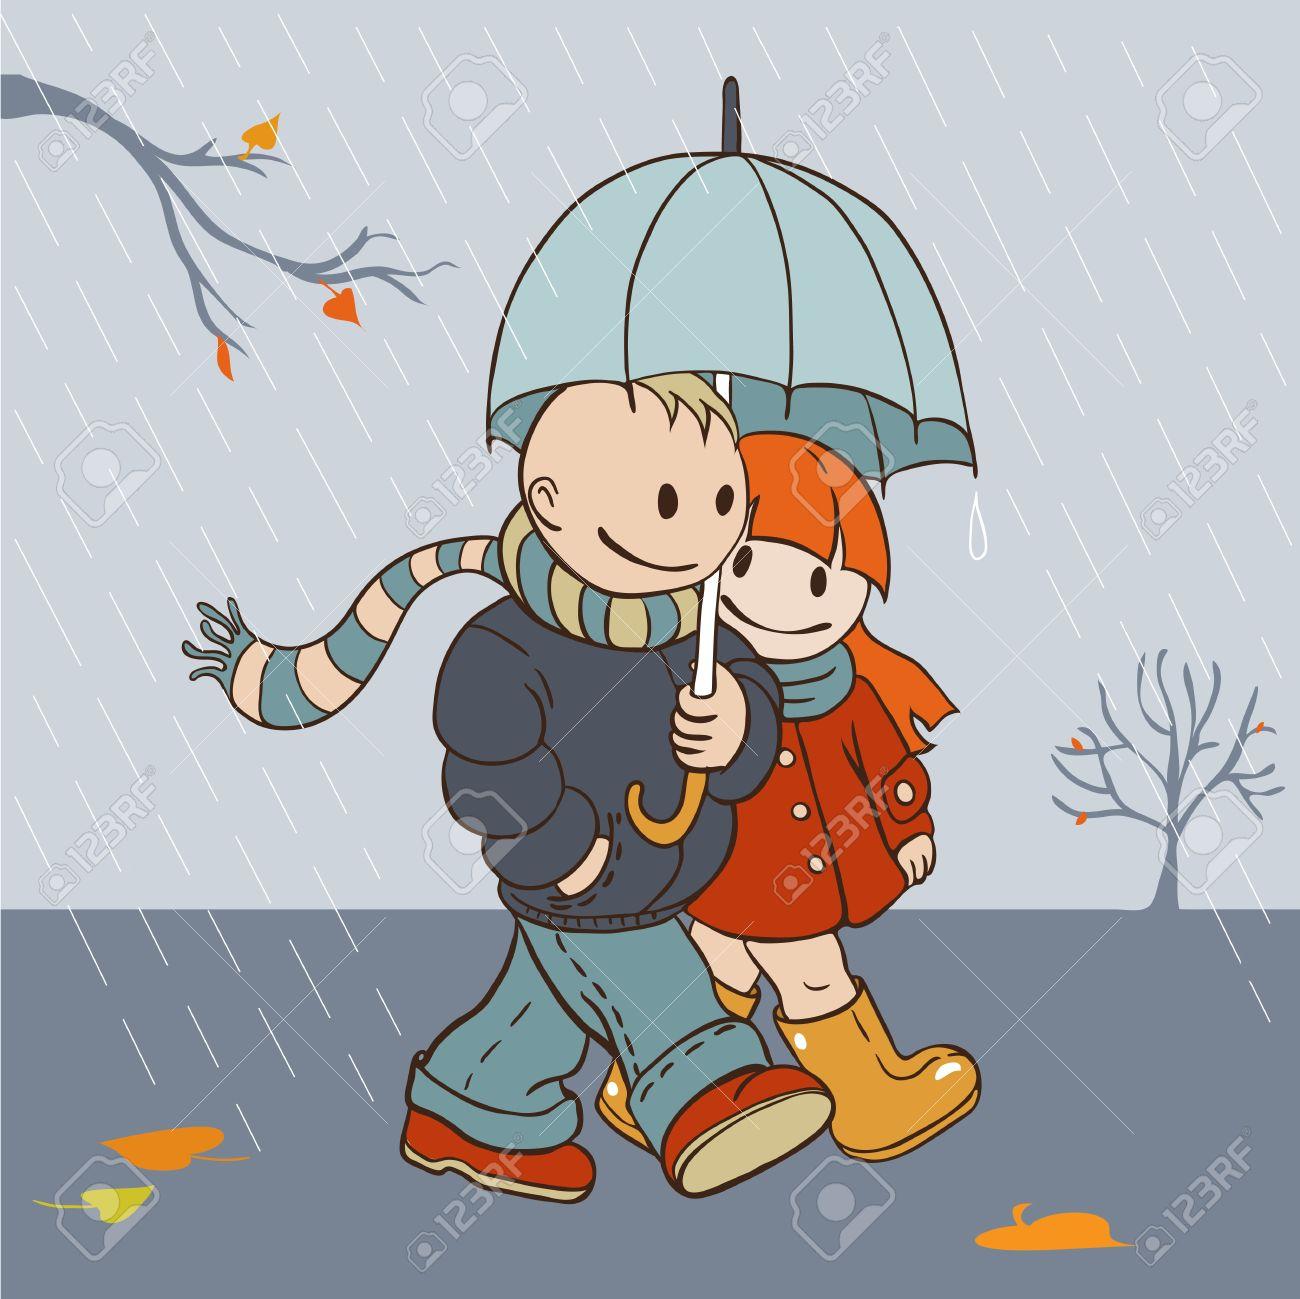 Illustration in cartoon style  autumn rainy day lovers walking under an umbrella Stock Vector - 15957670